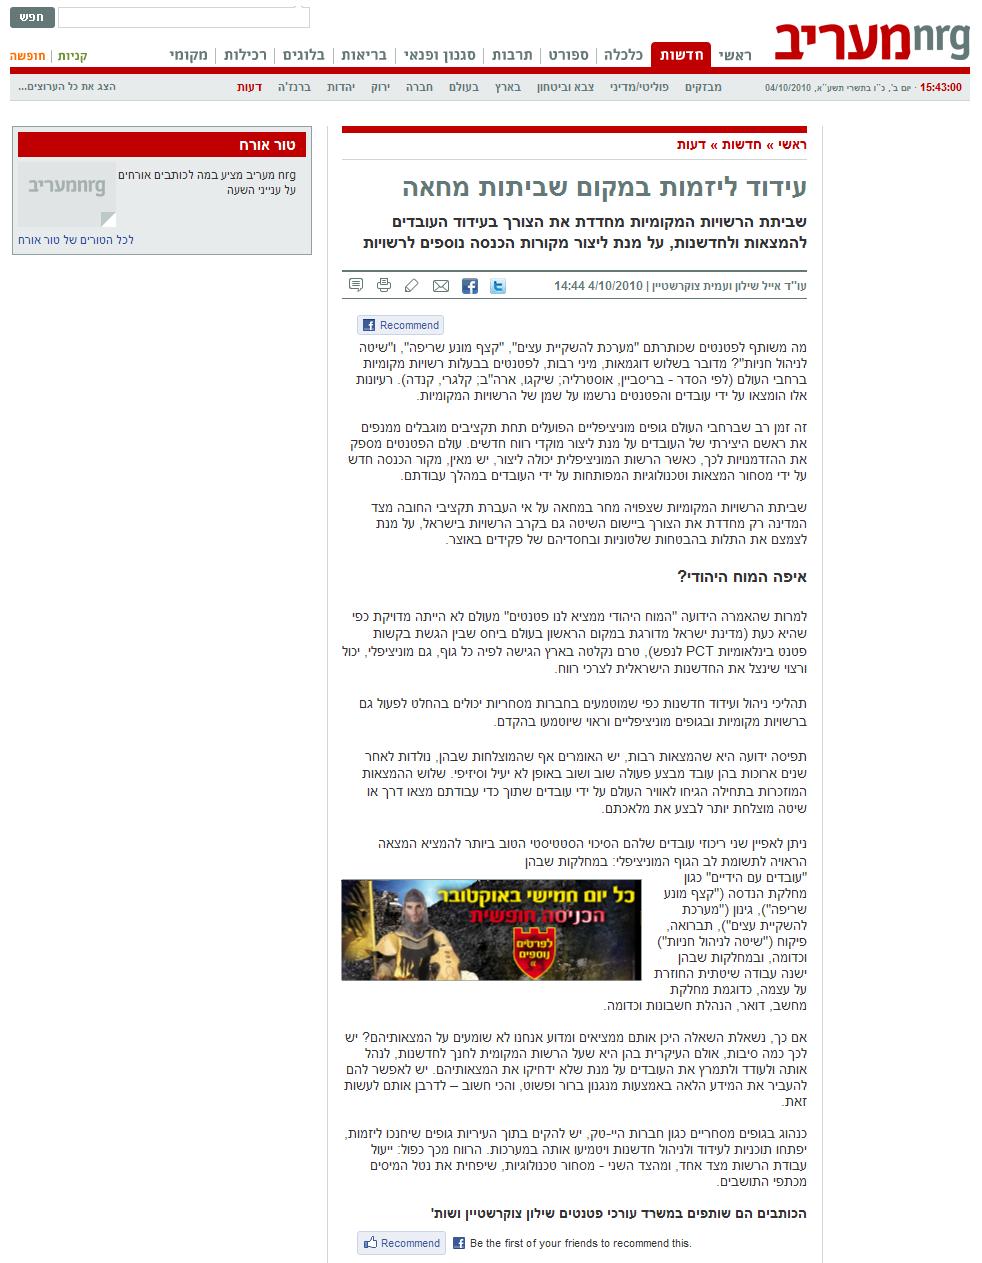 מעריב (אתר), 04/10/2010, עידוד ליזמות במקום שביתות מחאה